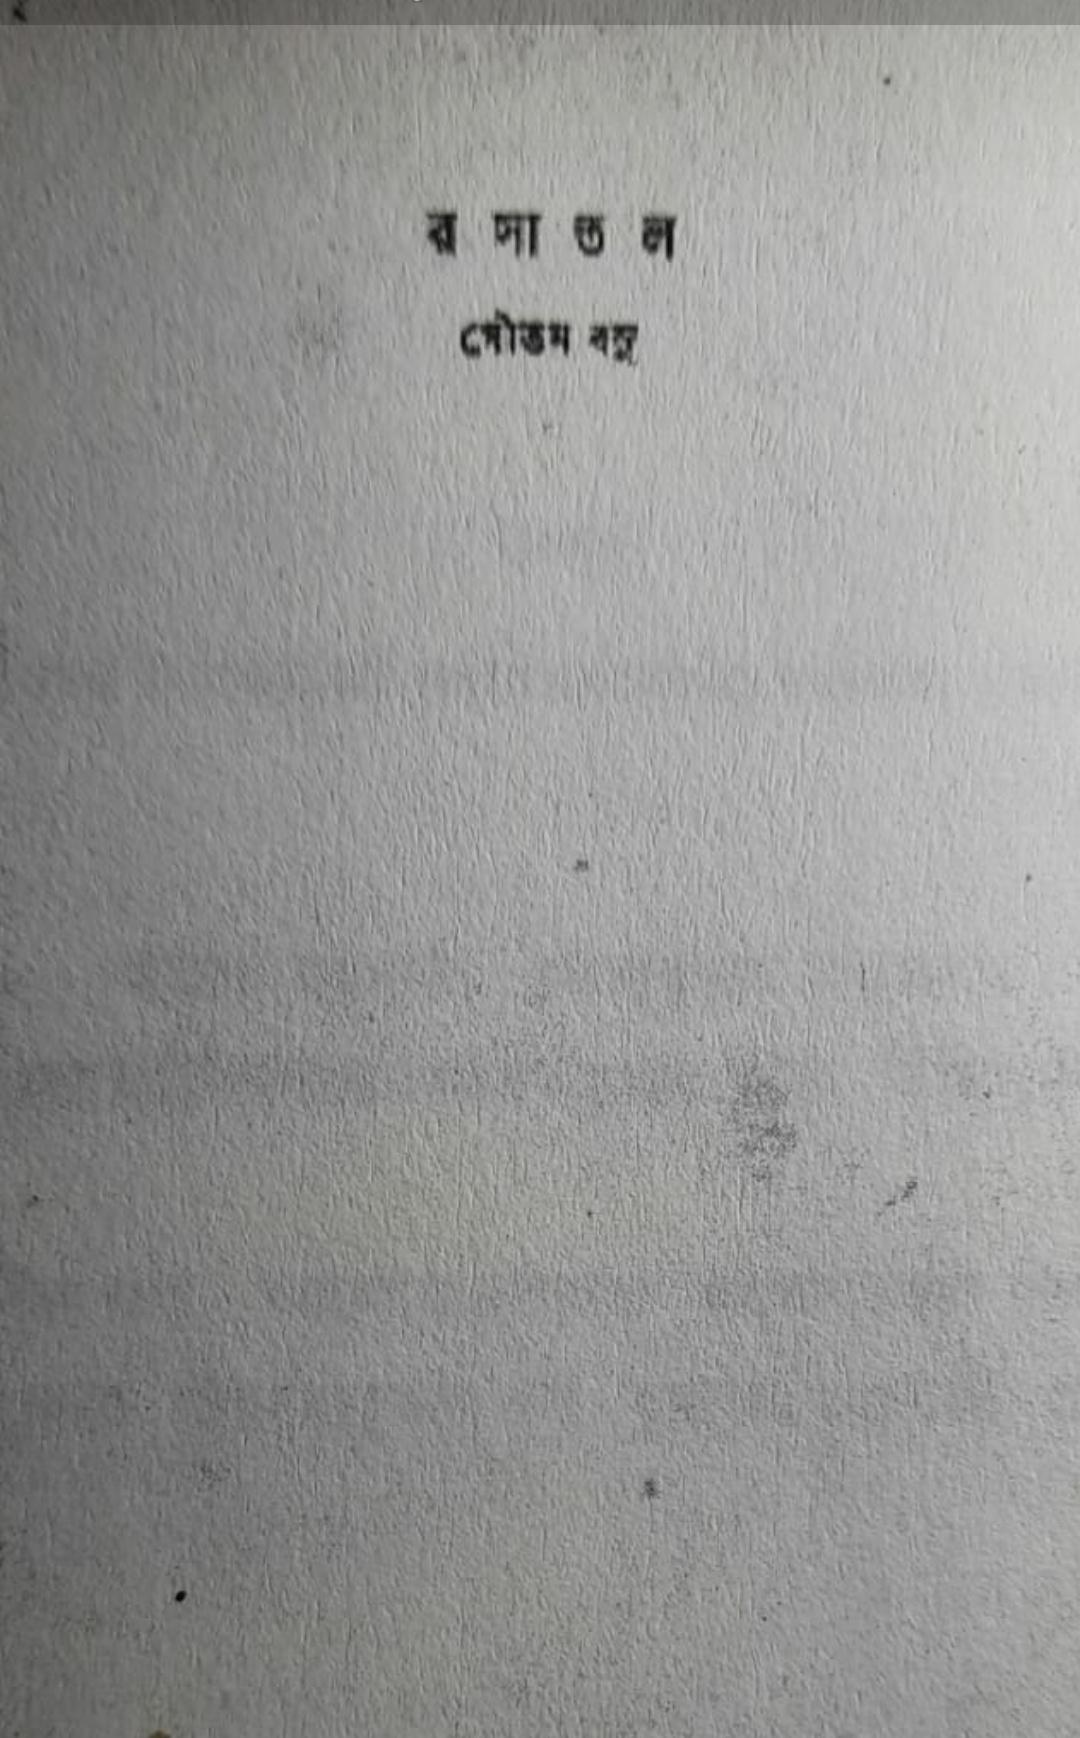 অবিরাম, ভস্মে ঢাকা নদী <br /> পার্থজিৎ চন্দ